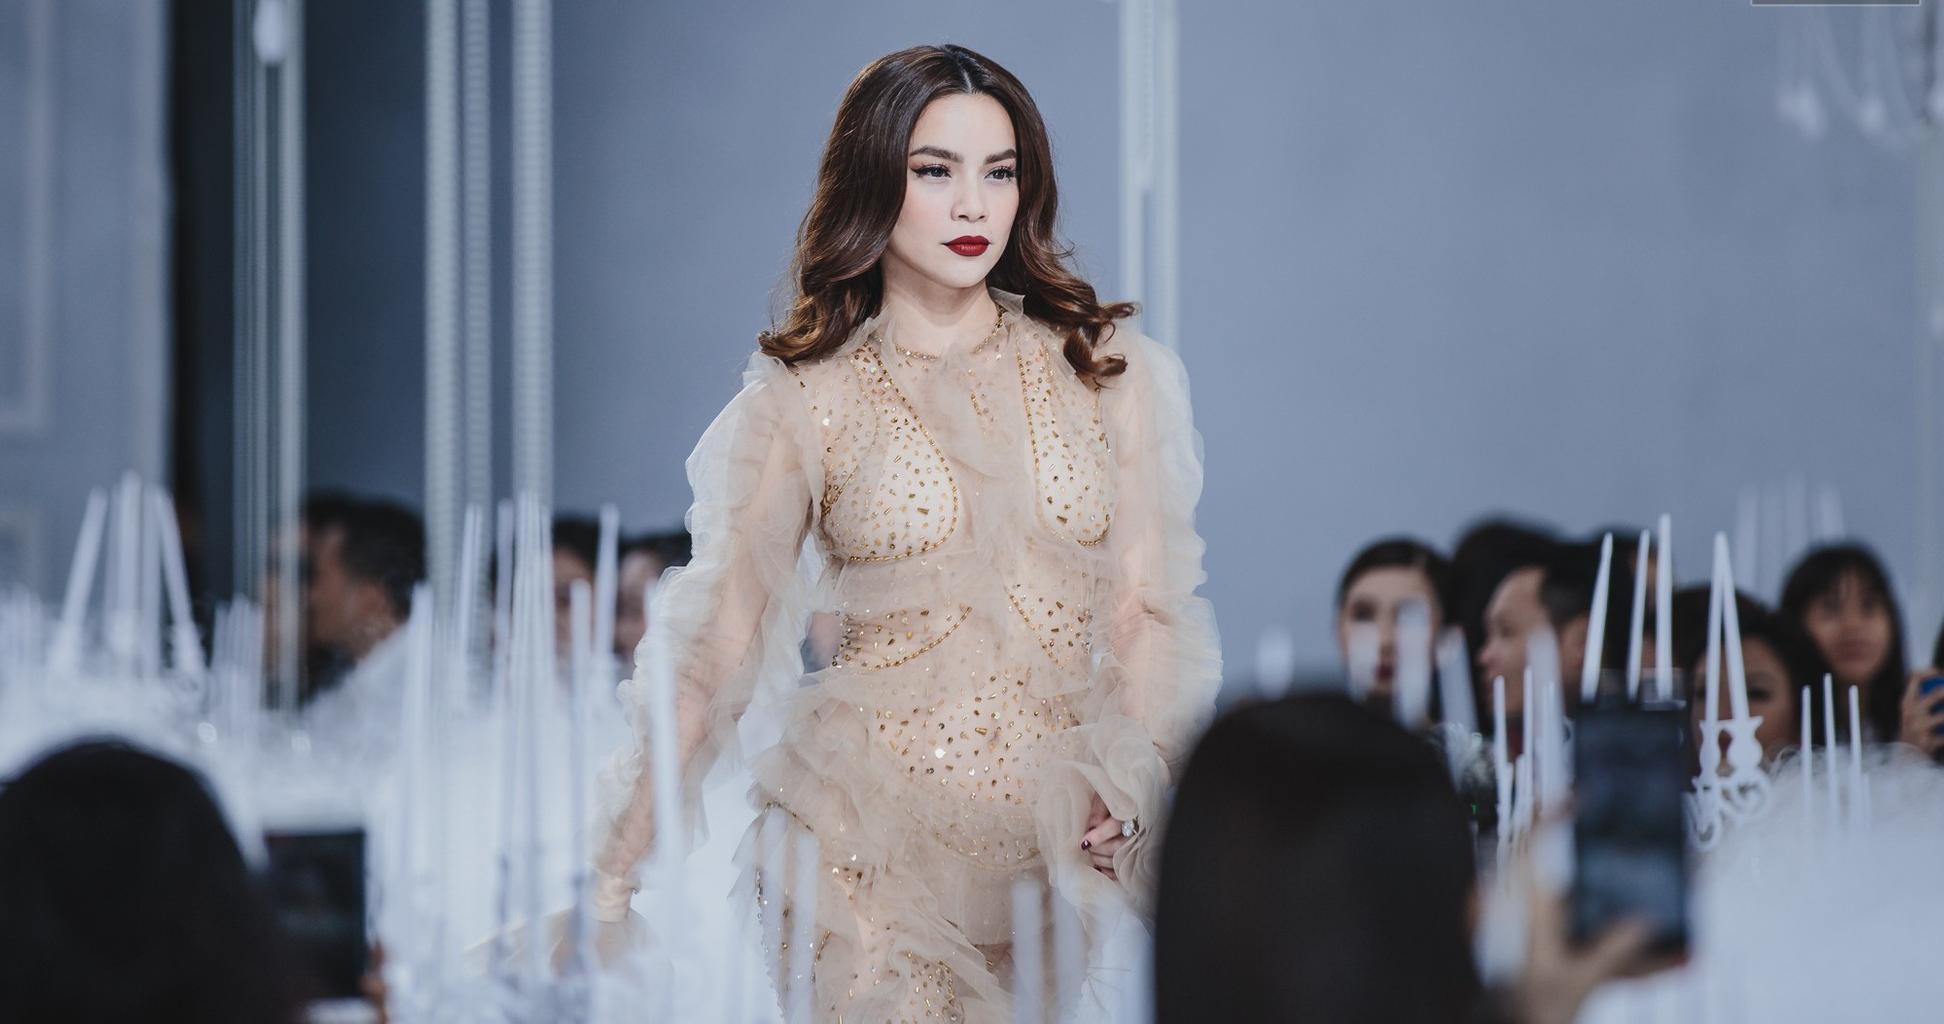 Hình ảnh Hồ Ngọc Hà bị chê phản cảm khi diện váy xuyên thấu lộ nội y quá bạo trong show của Lý Quí Khánh số 1